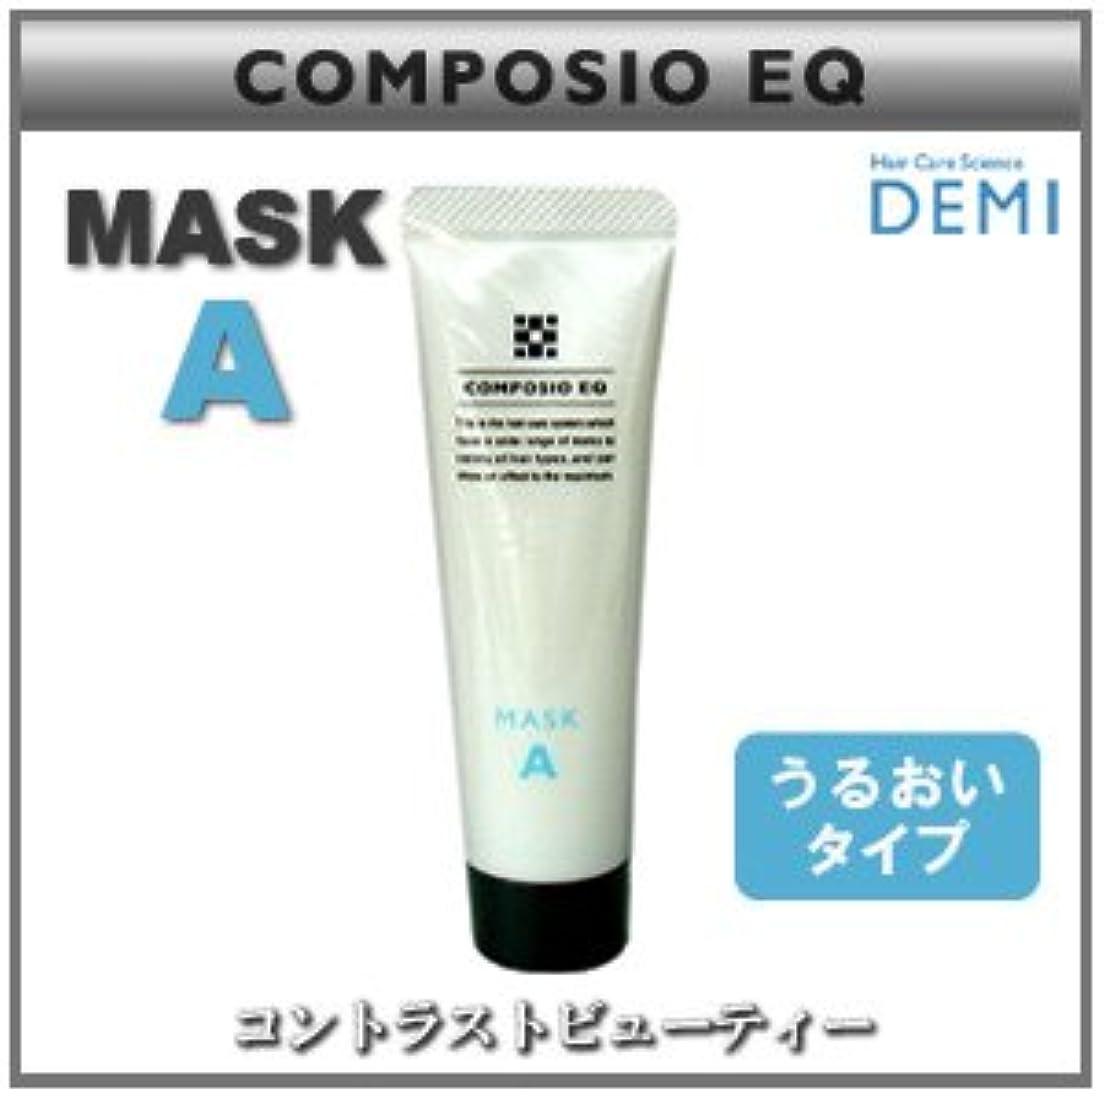 スカーフ困惑引き算【X5個セット】 デミ コンポジオ EQ マスク A 50g